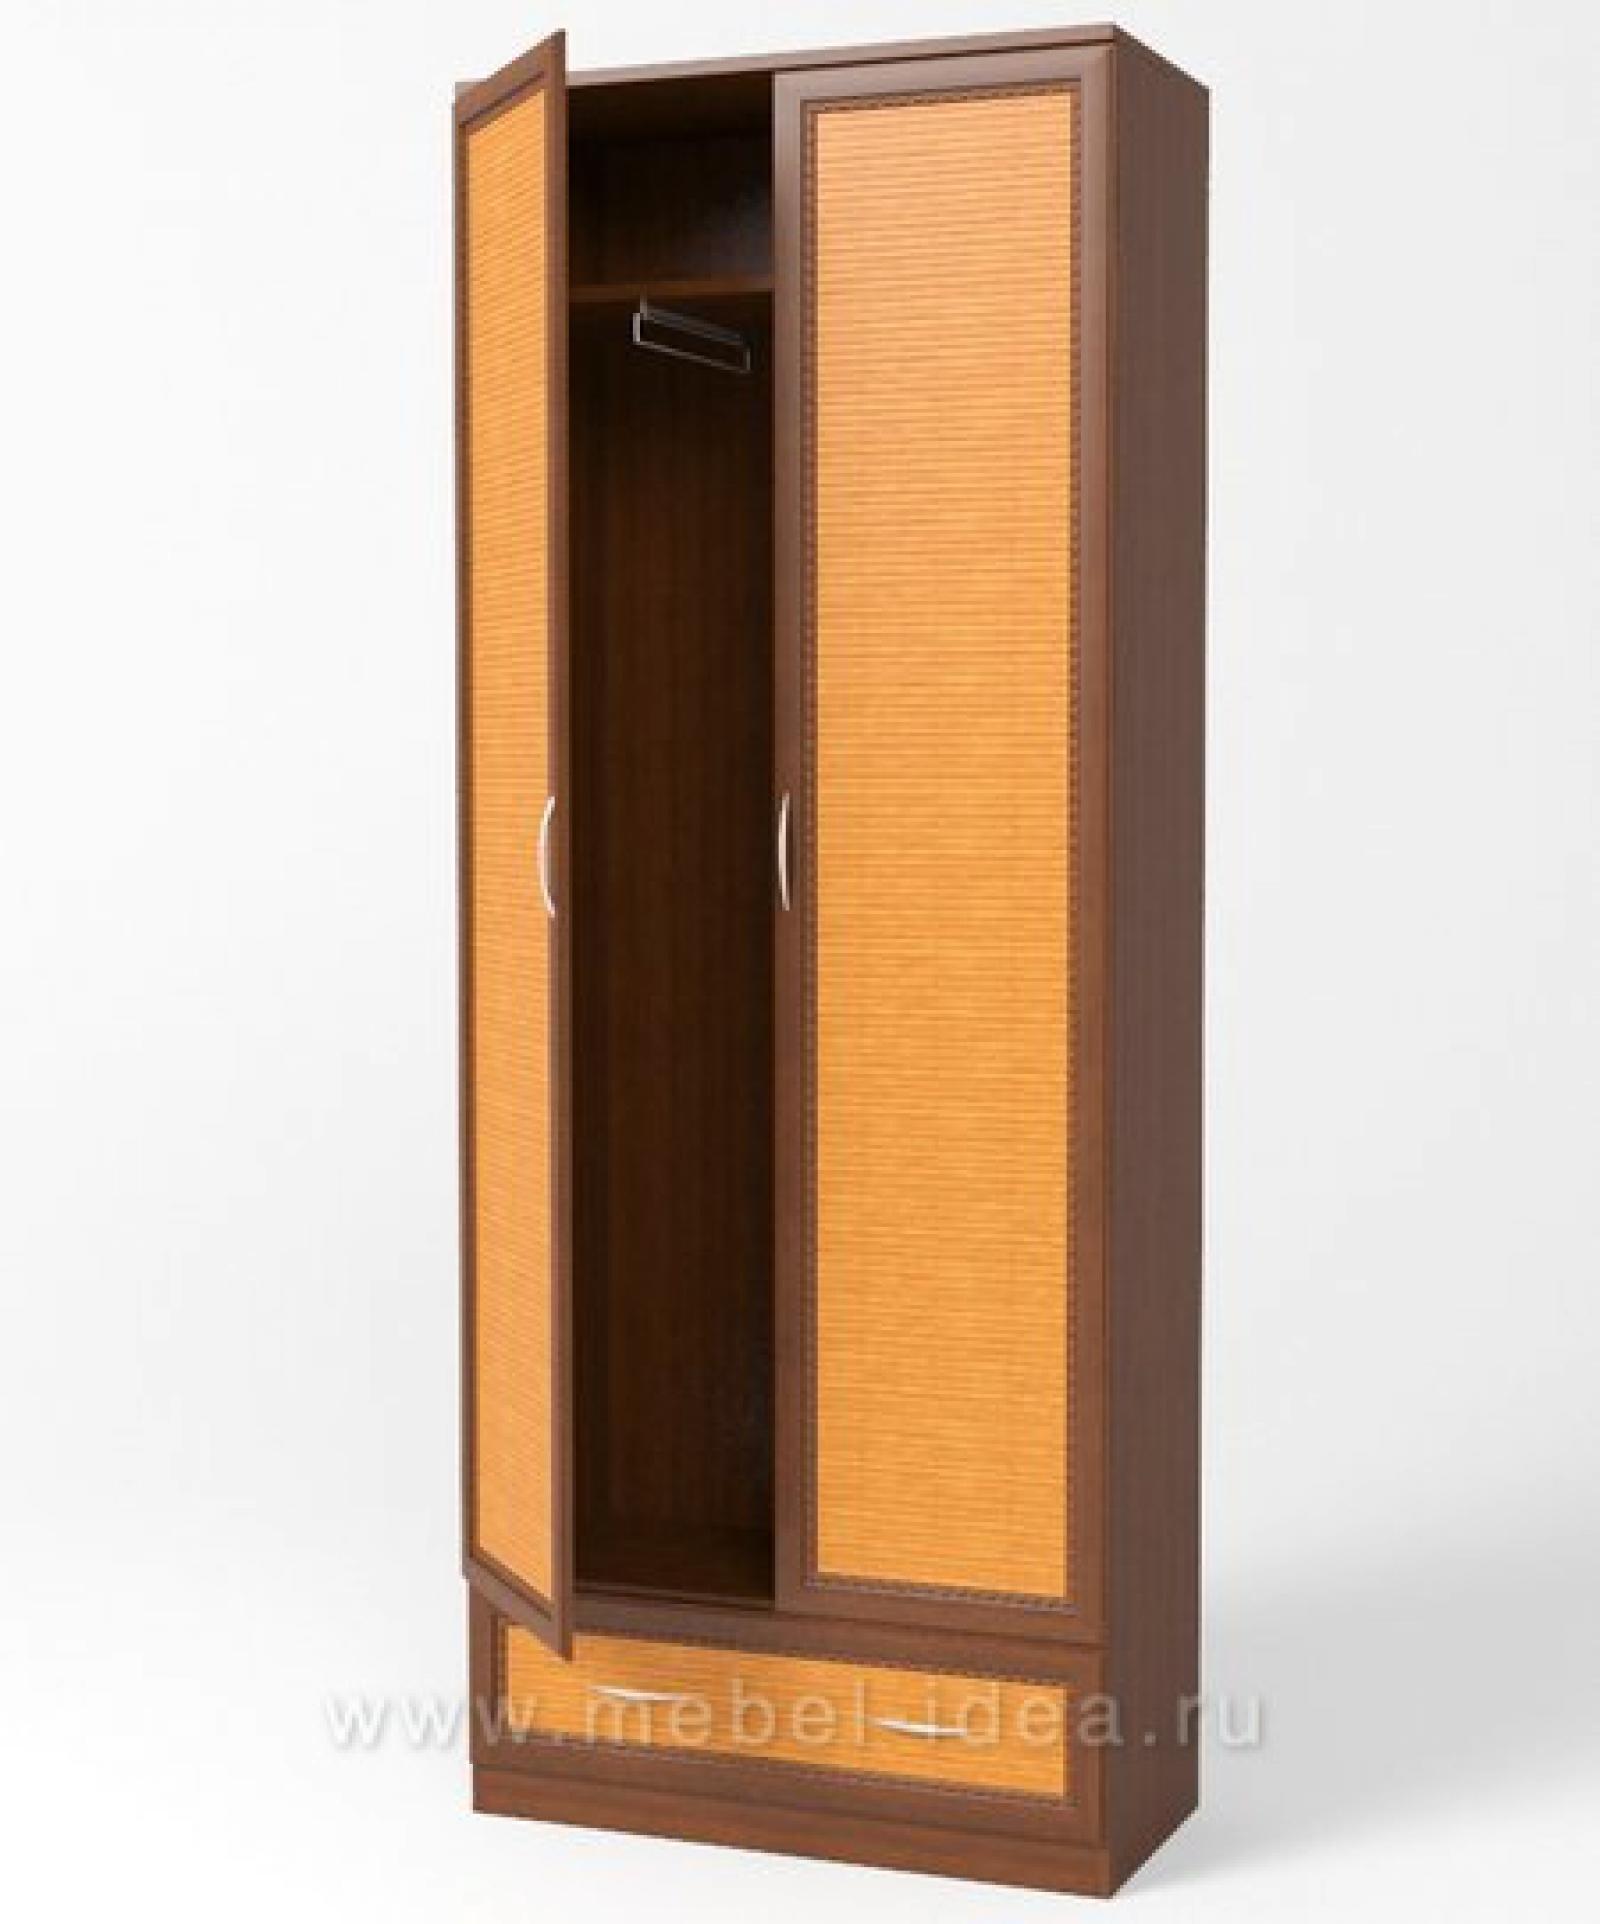 Сакура Орех Шкаф 2 дв с ящиком Ш43 - 1